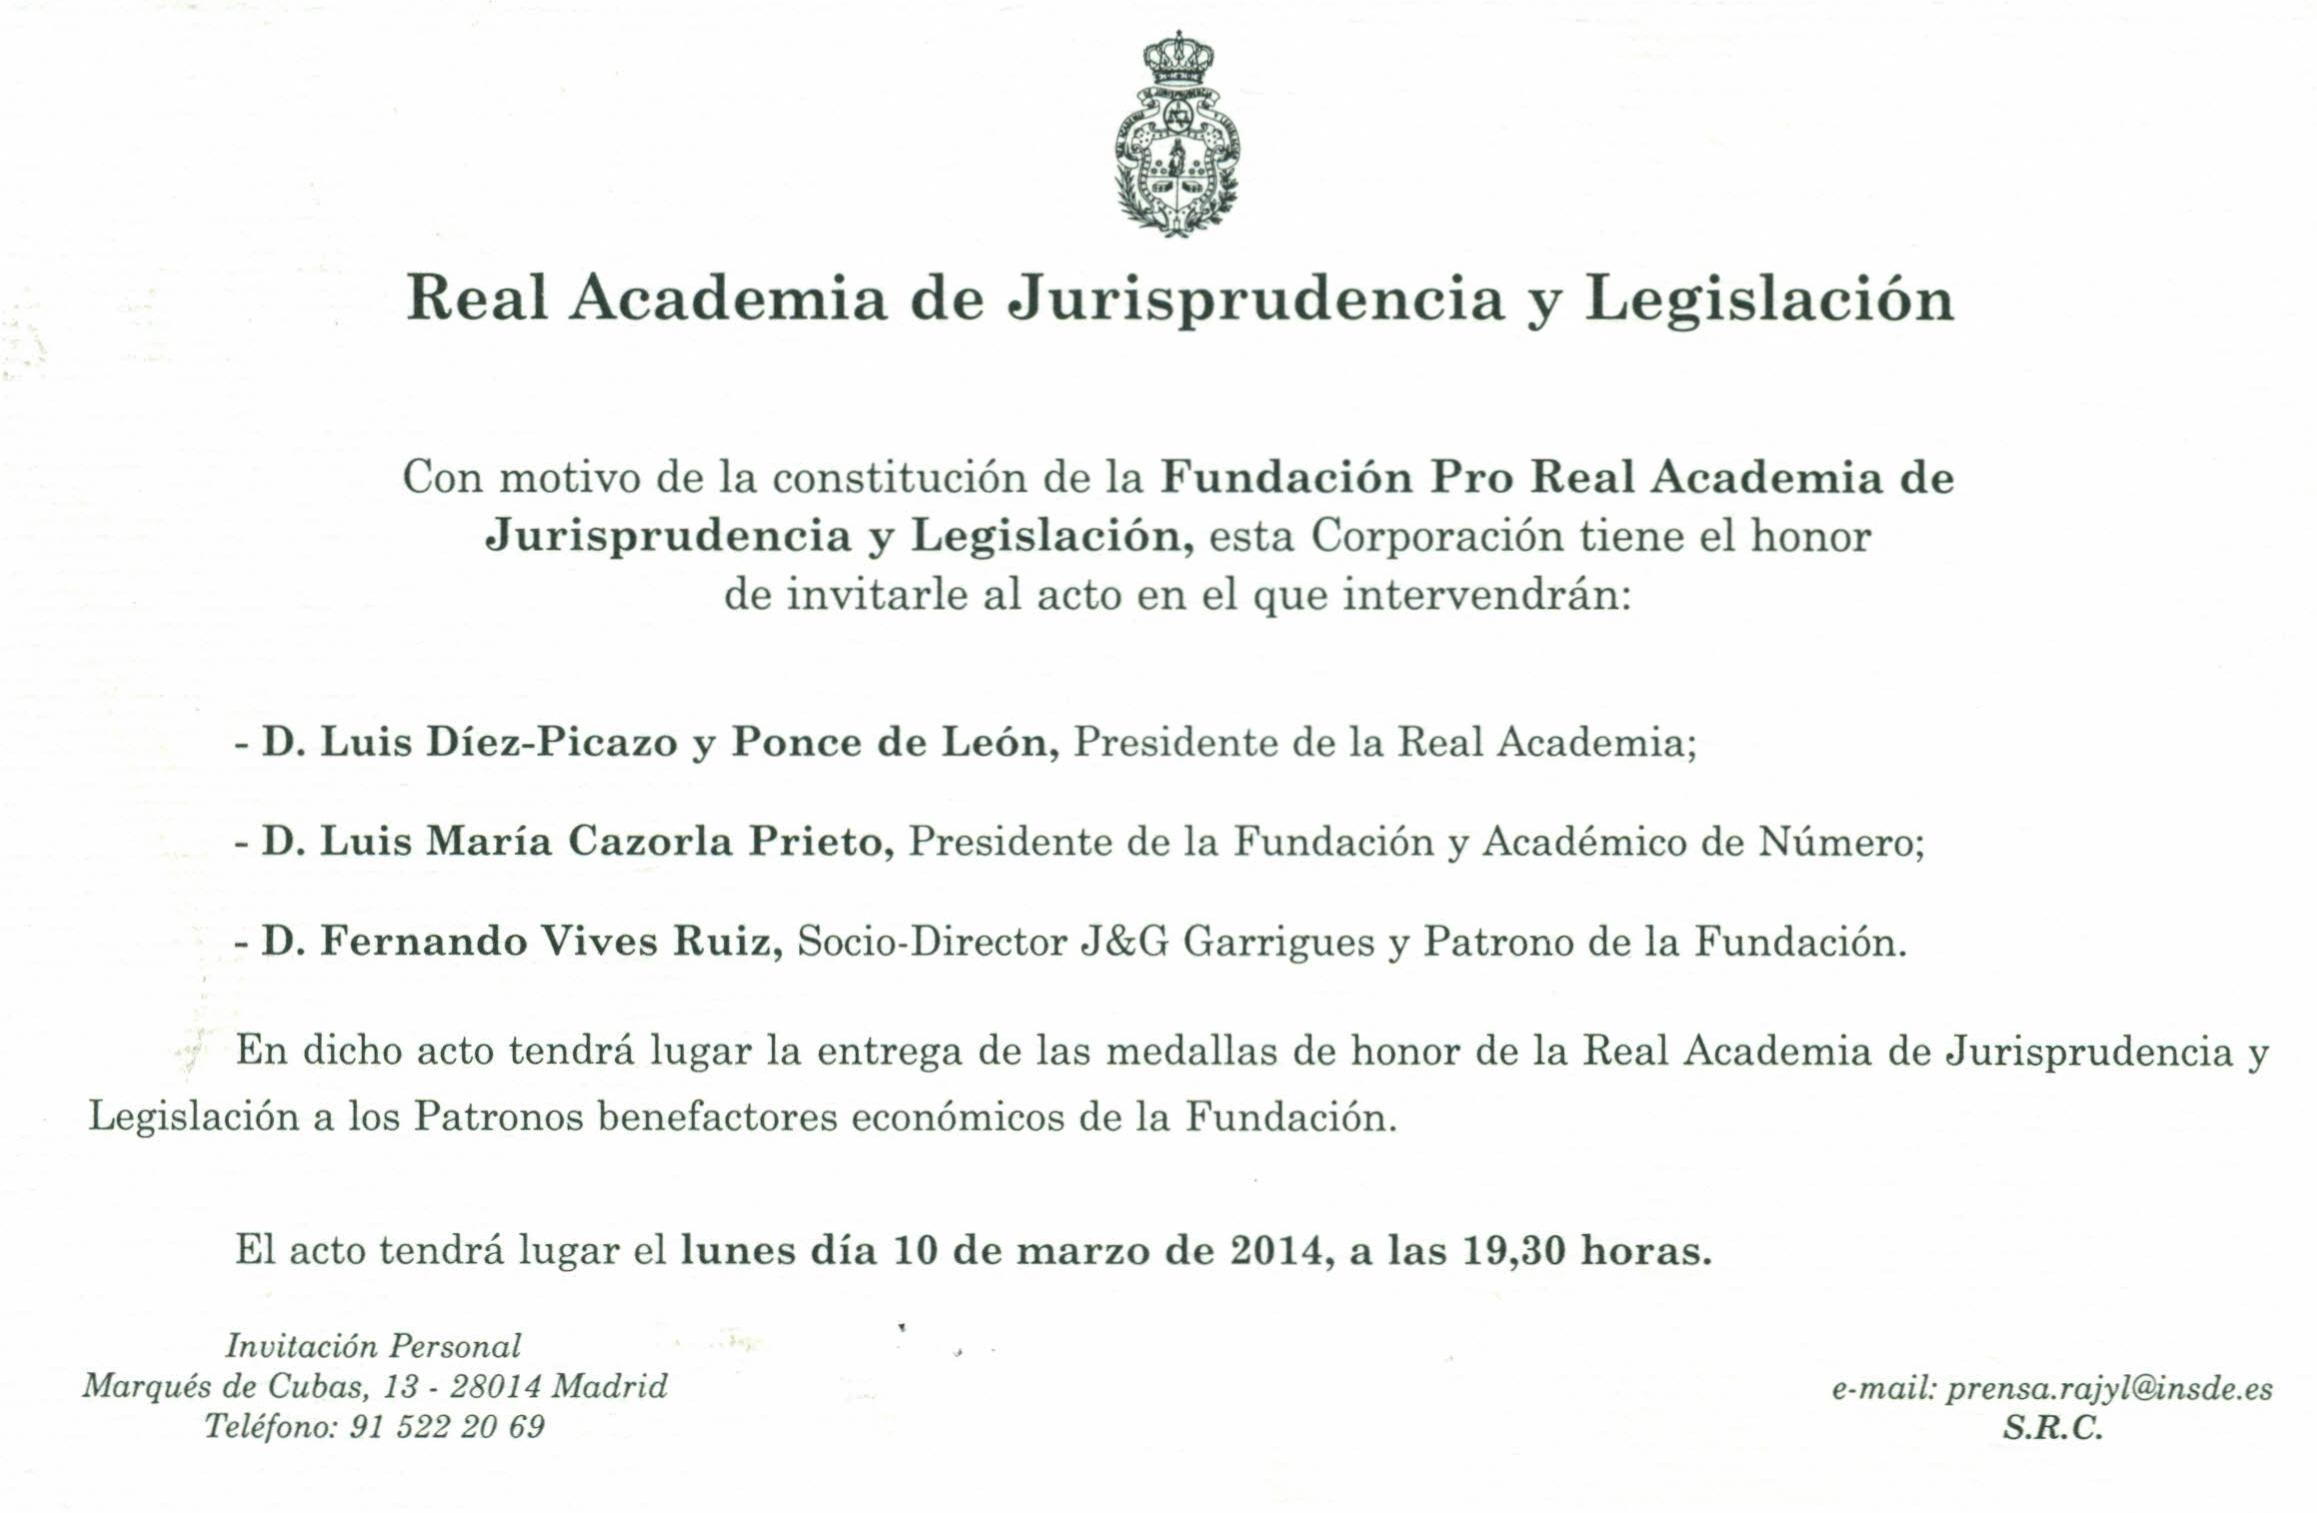 Real academia de Jurisprudencia y Legislación, invitación.